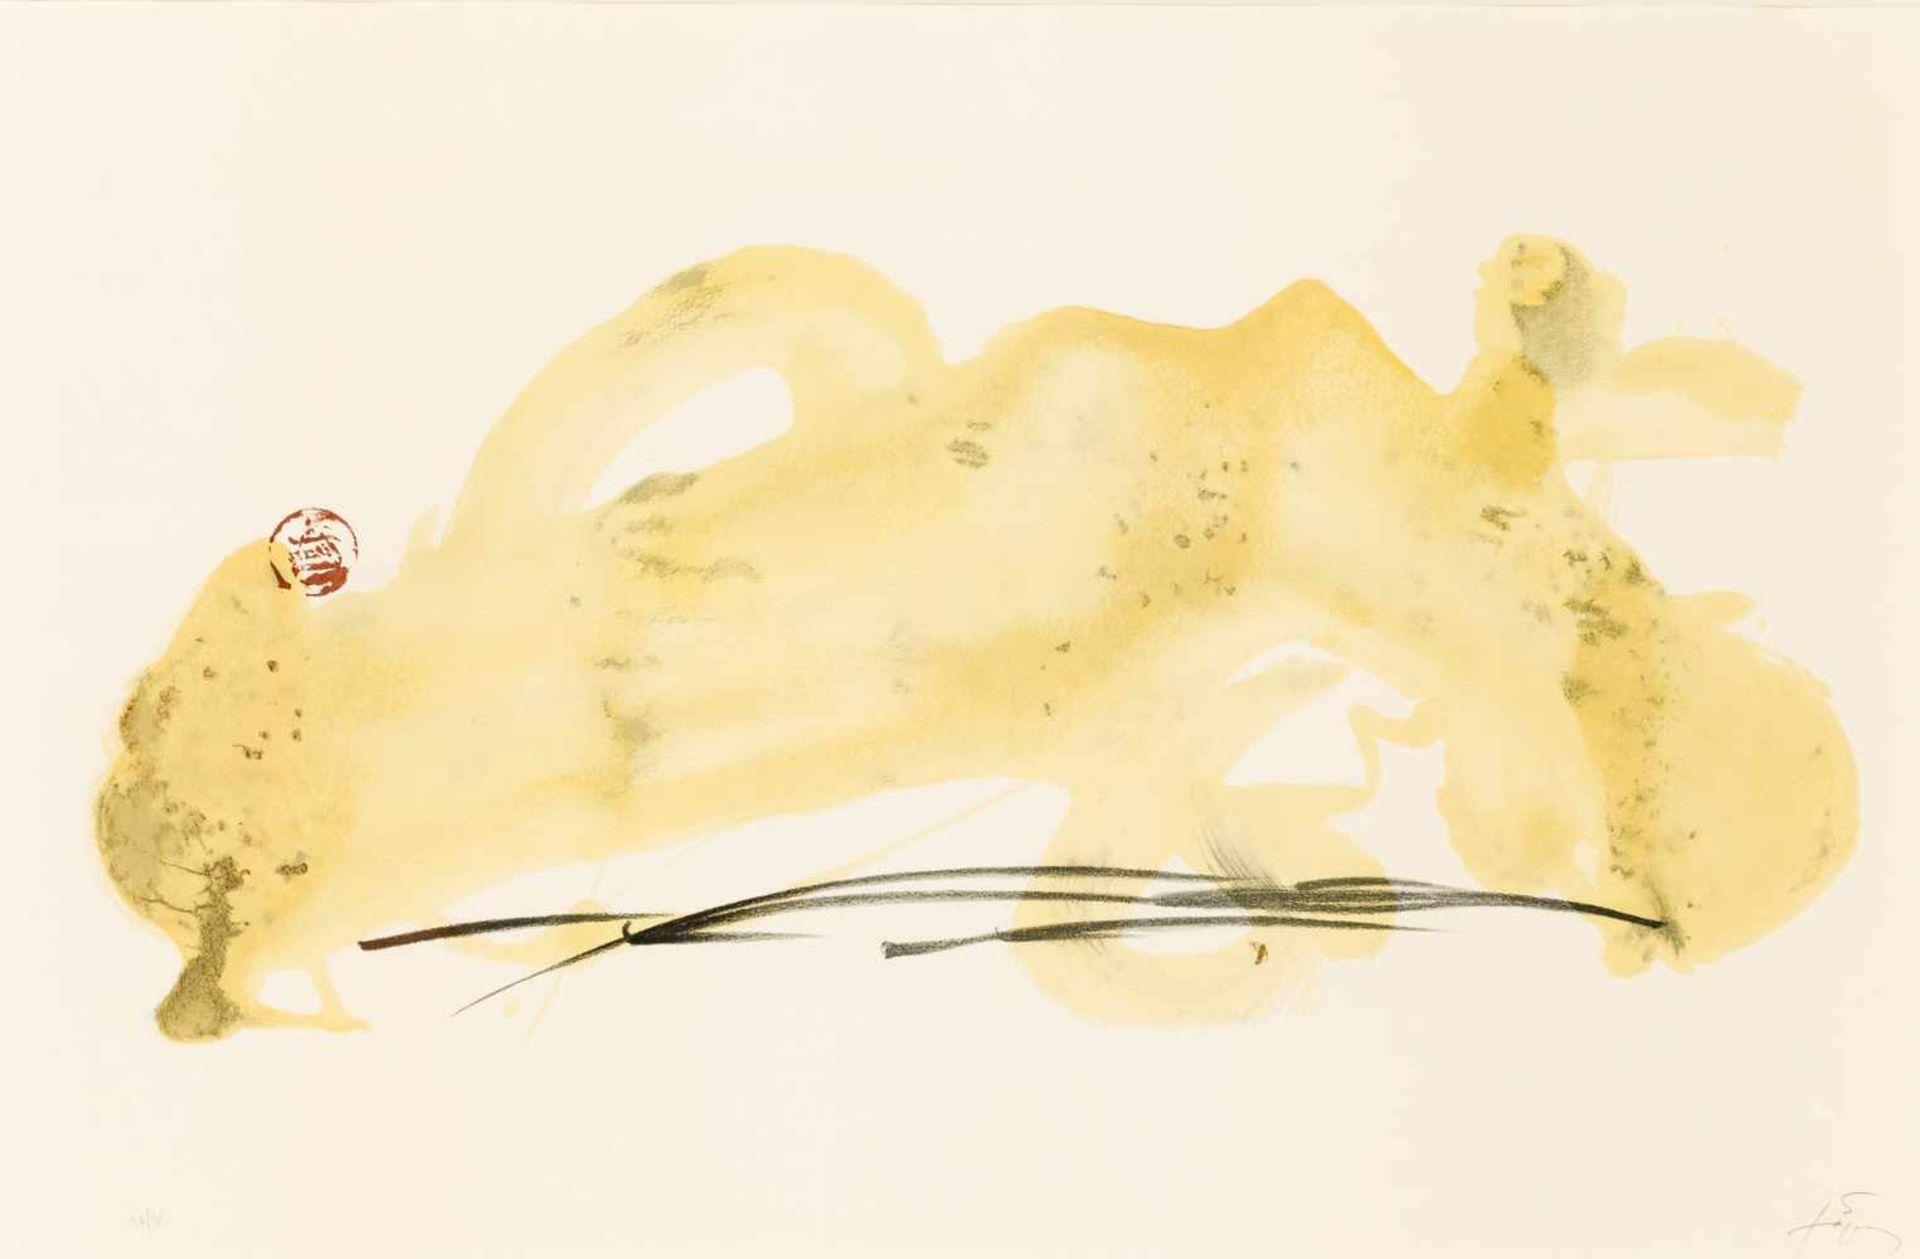 Los 7 - Antoni Tapies Barcelona 1923 - 2012 Barcelona Vernis paysage Lithographie auf Papier 64 x 96 cm